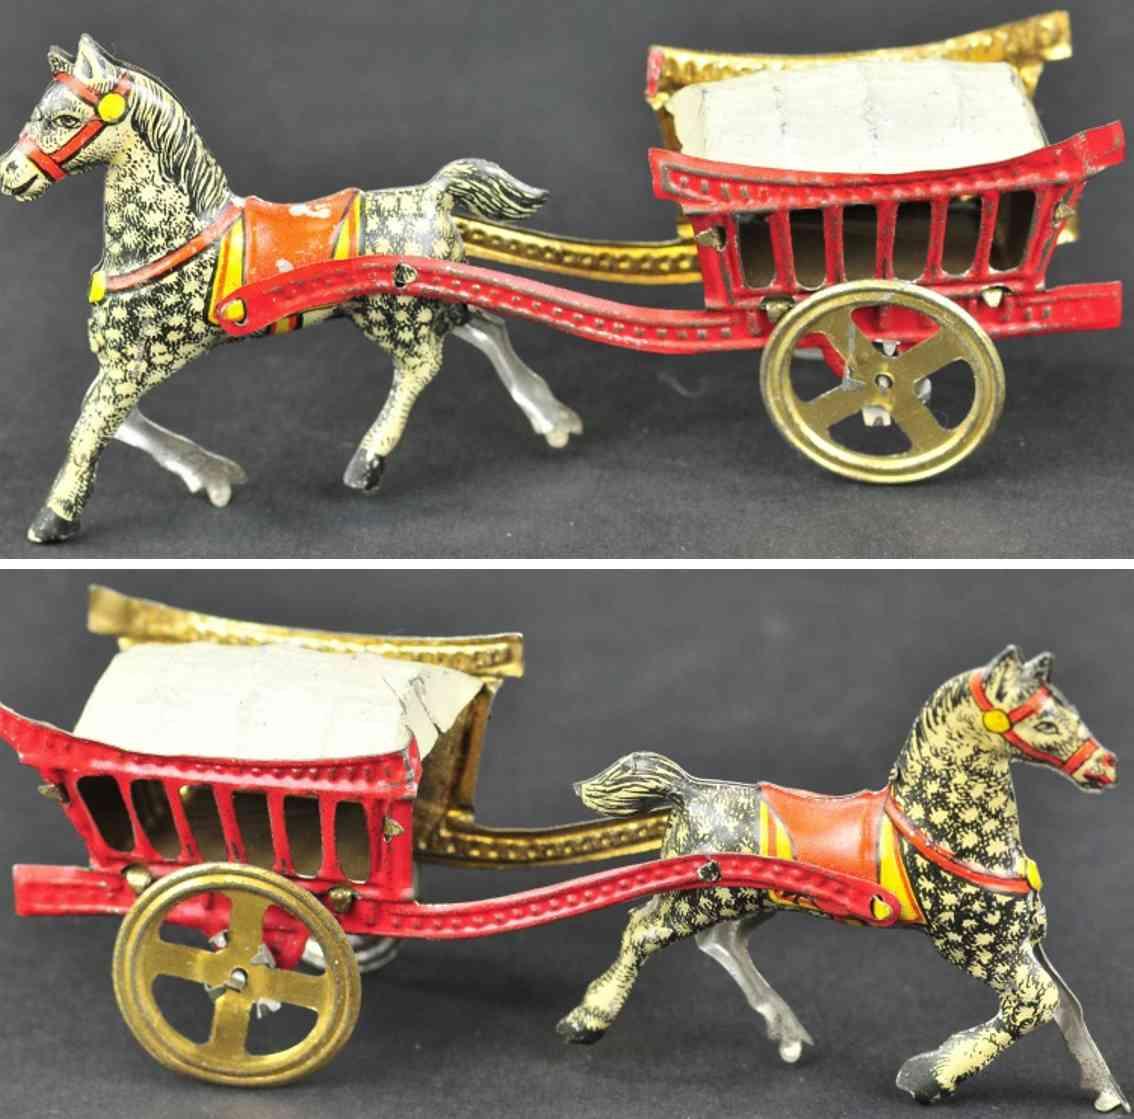 meier blech penny toy bedeckte rote karre ein pferd